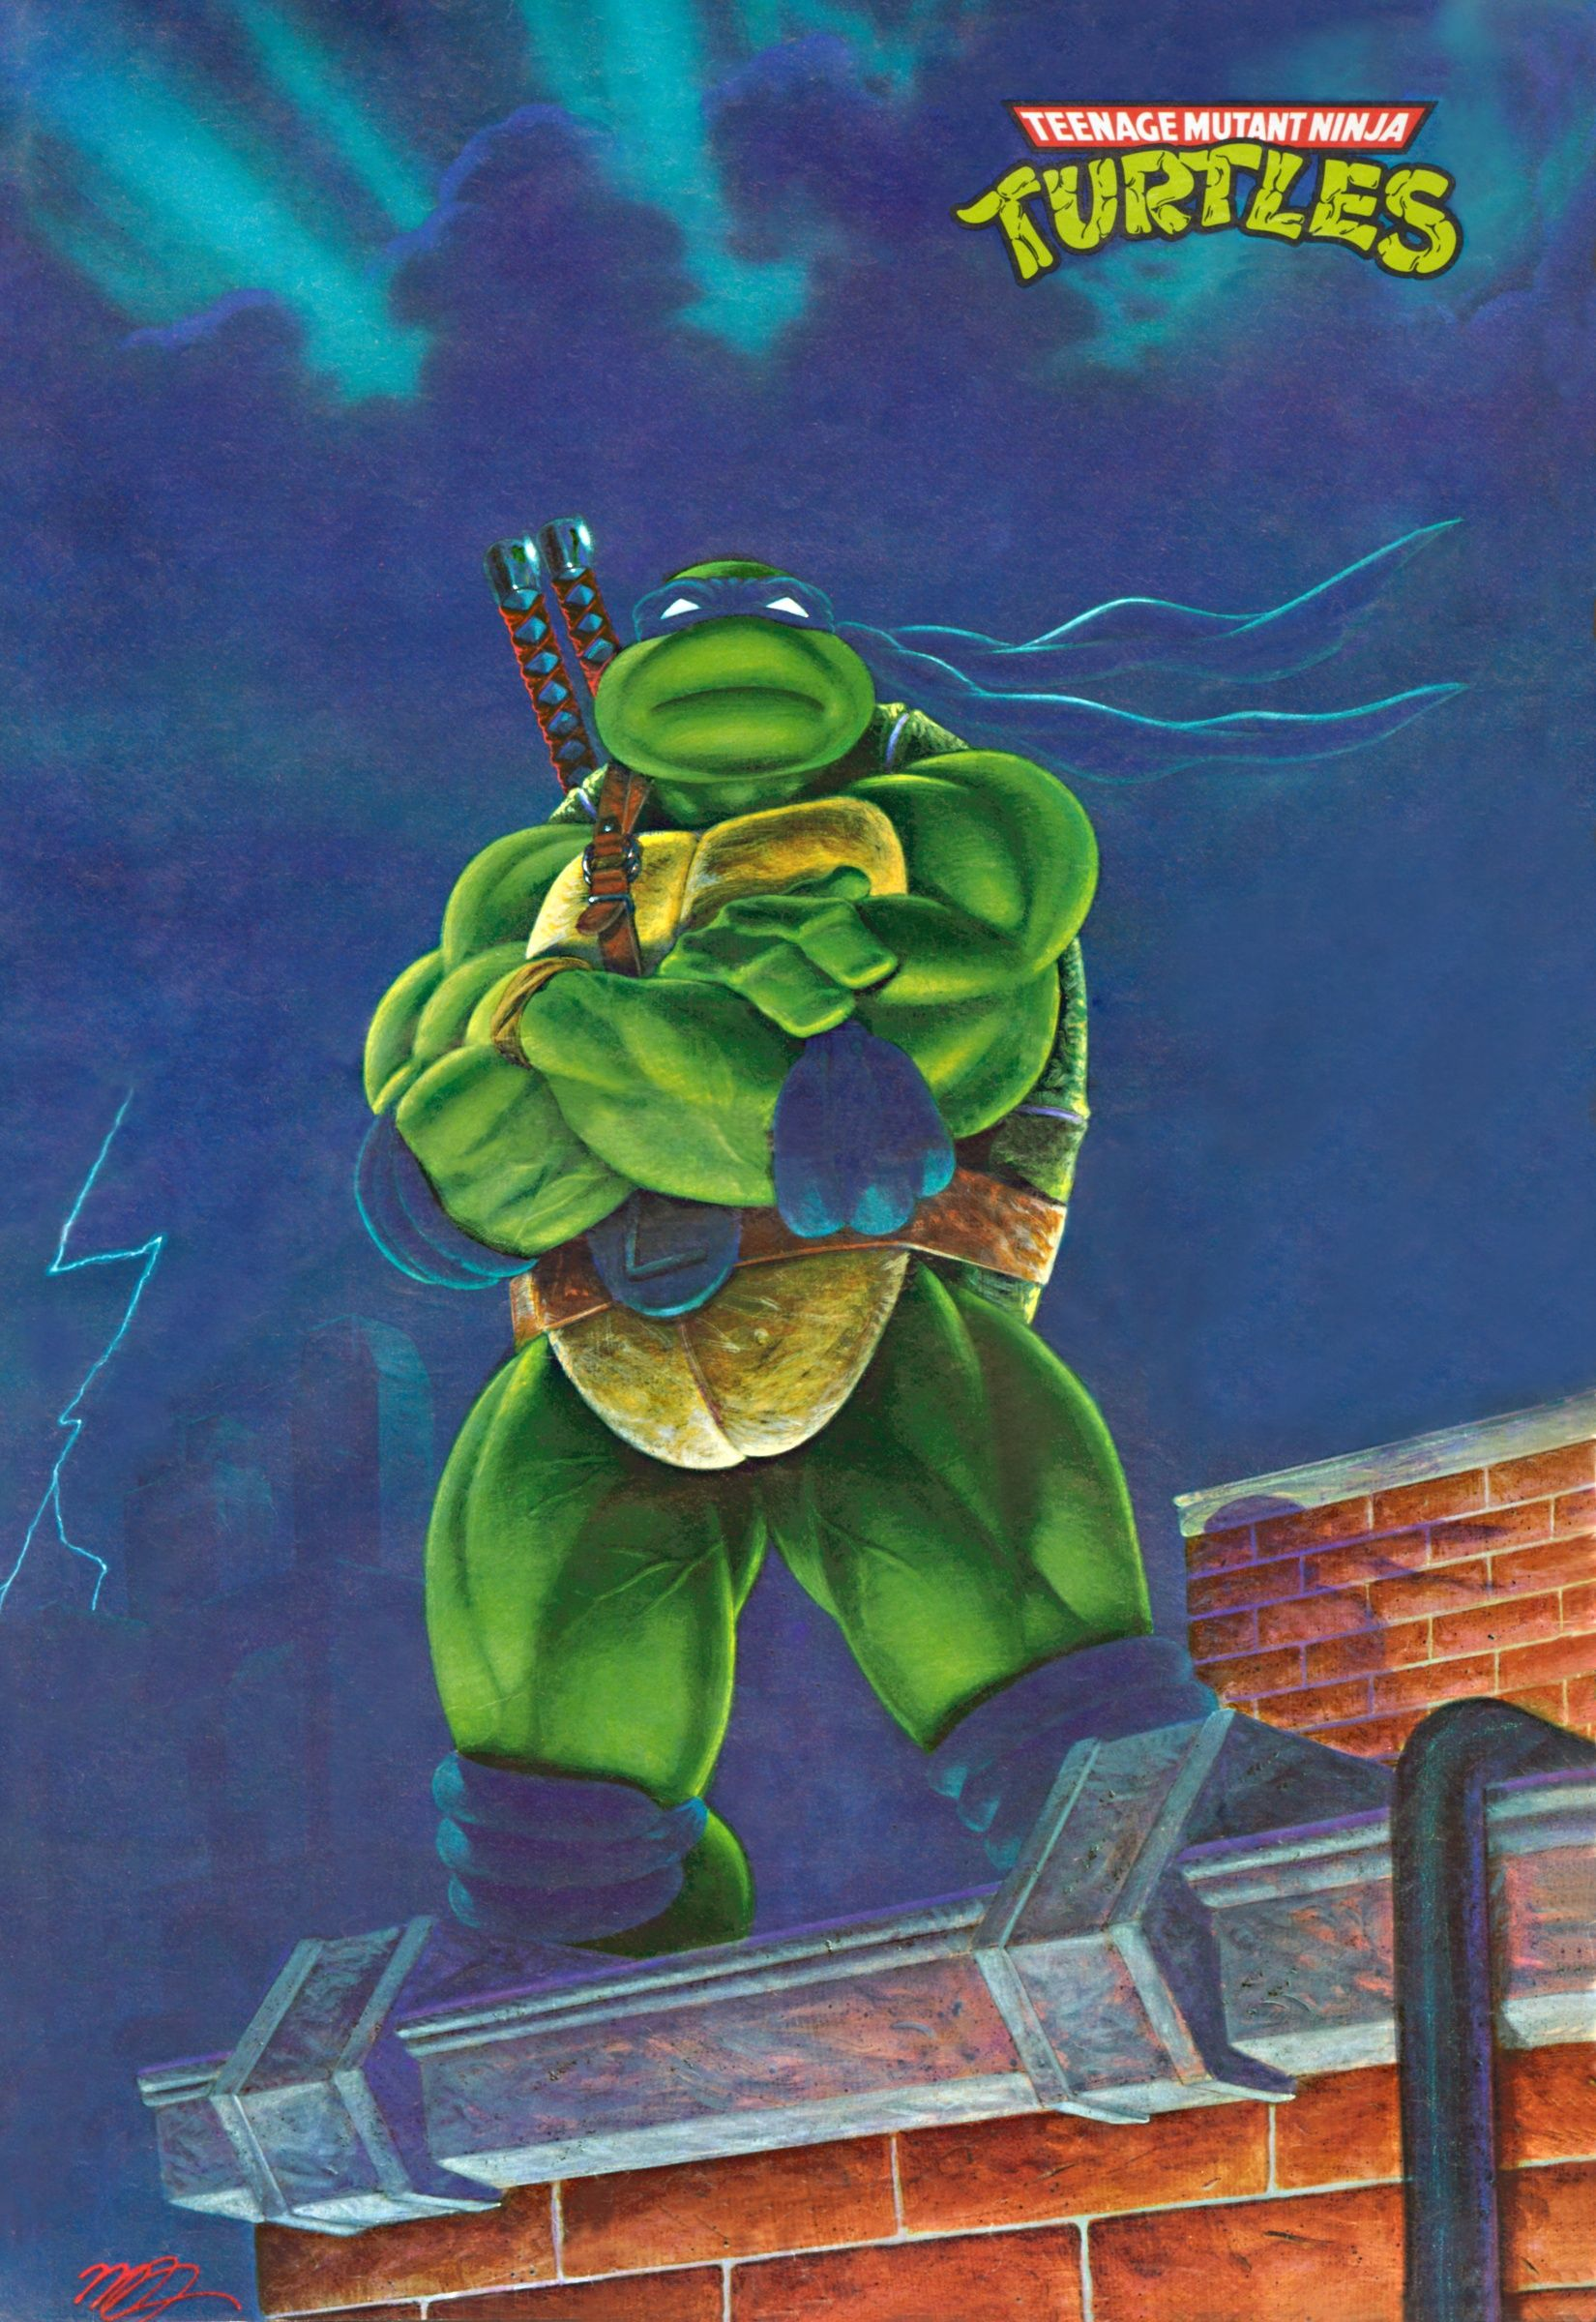 Teenage Mutant Ninja Turtles Leonardo Tmnt Artwork Teenage Mutant Ninja Turtles Teenage Ninja Turtles